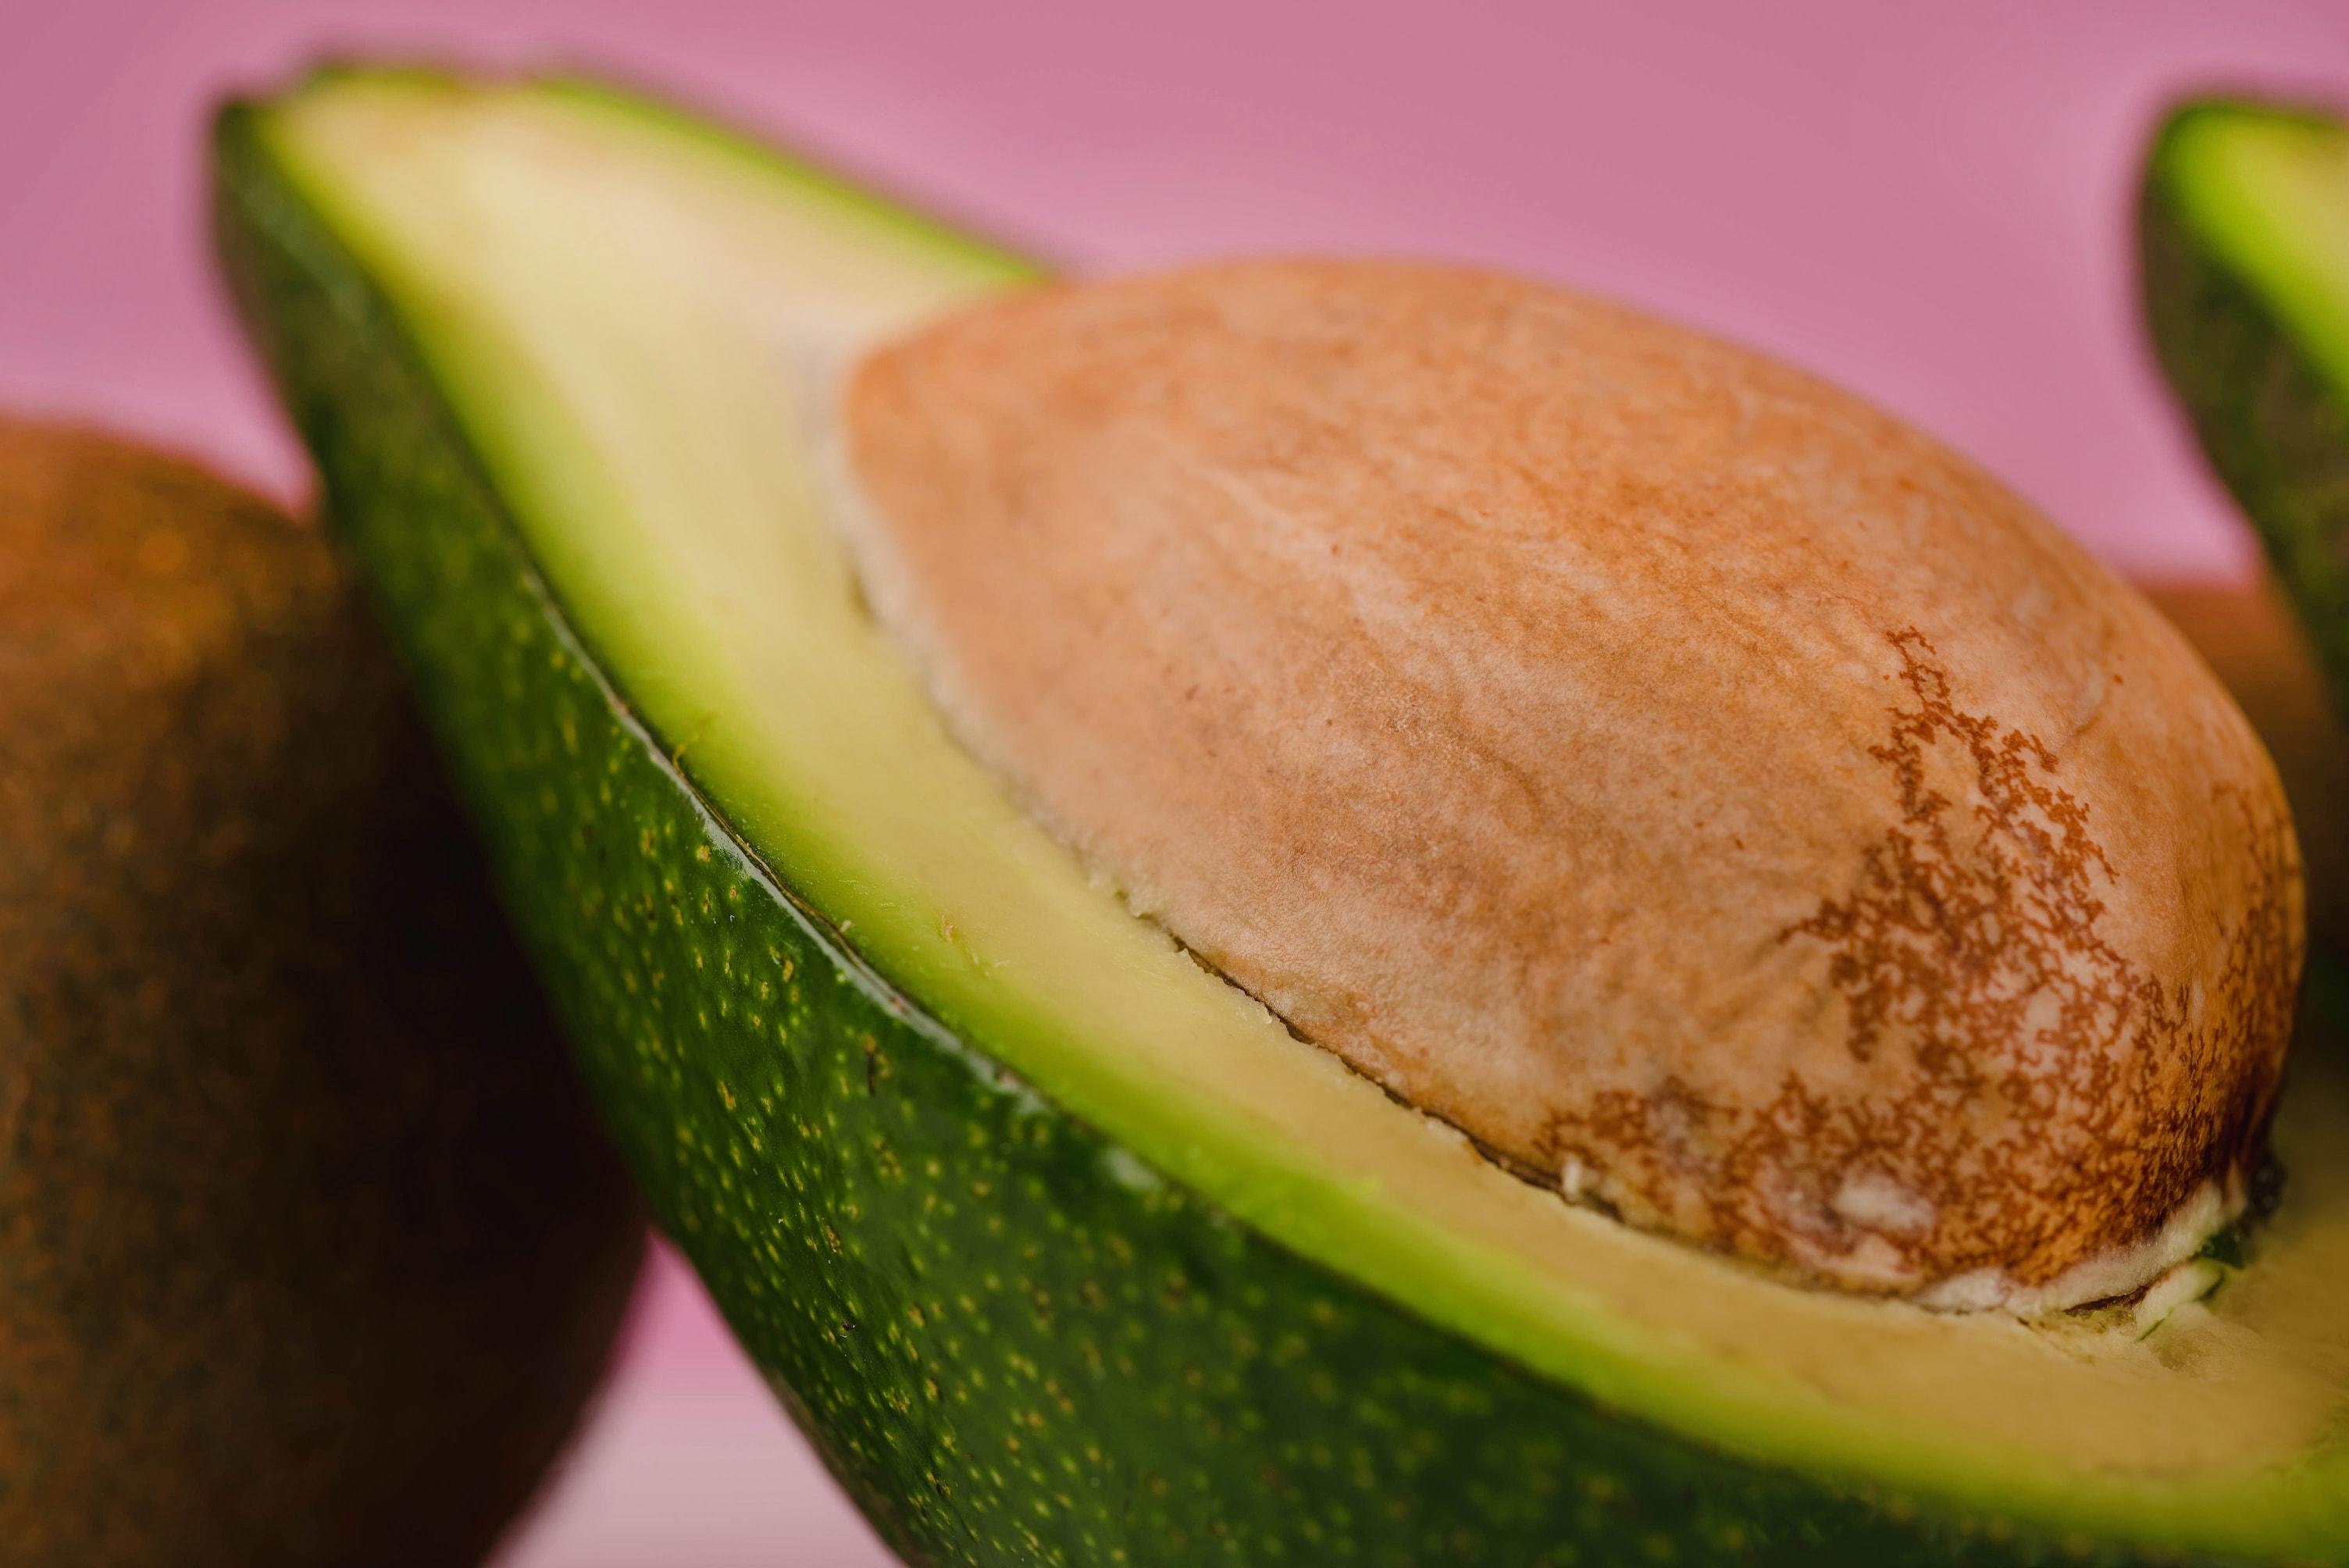 Im bild ist eine aufgeschnittene Avocado mit Kern groß zu sehen.